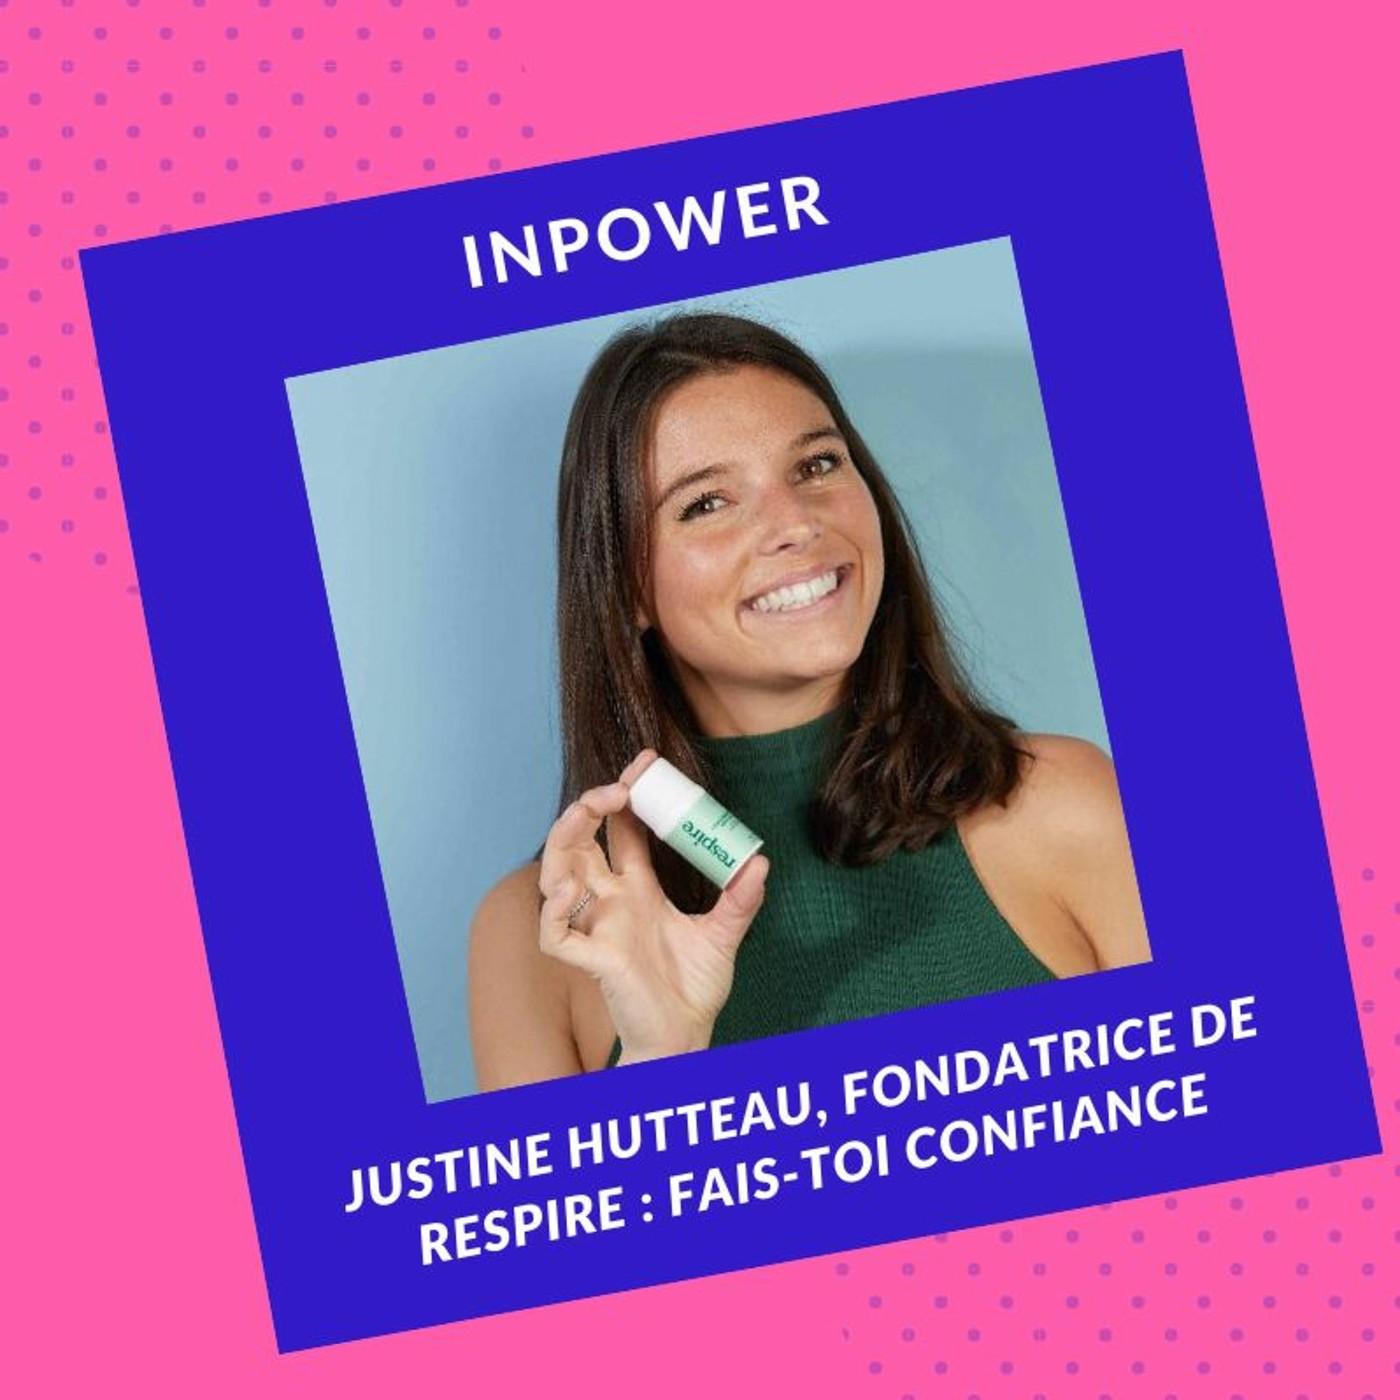 Justine Hutteau, fondatrice de Respire - Fais-toi confiance